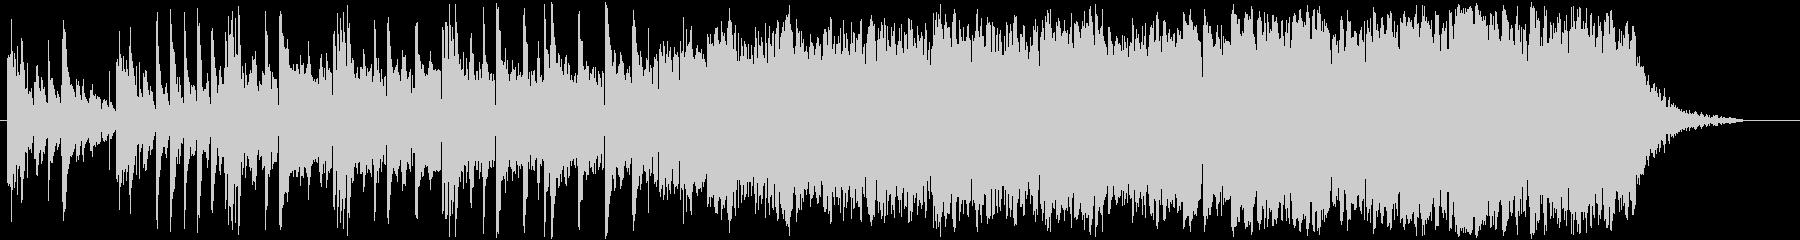 クラシック音楽の要素とピアノのリー...の未再生の波形